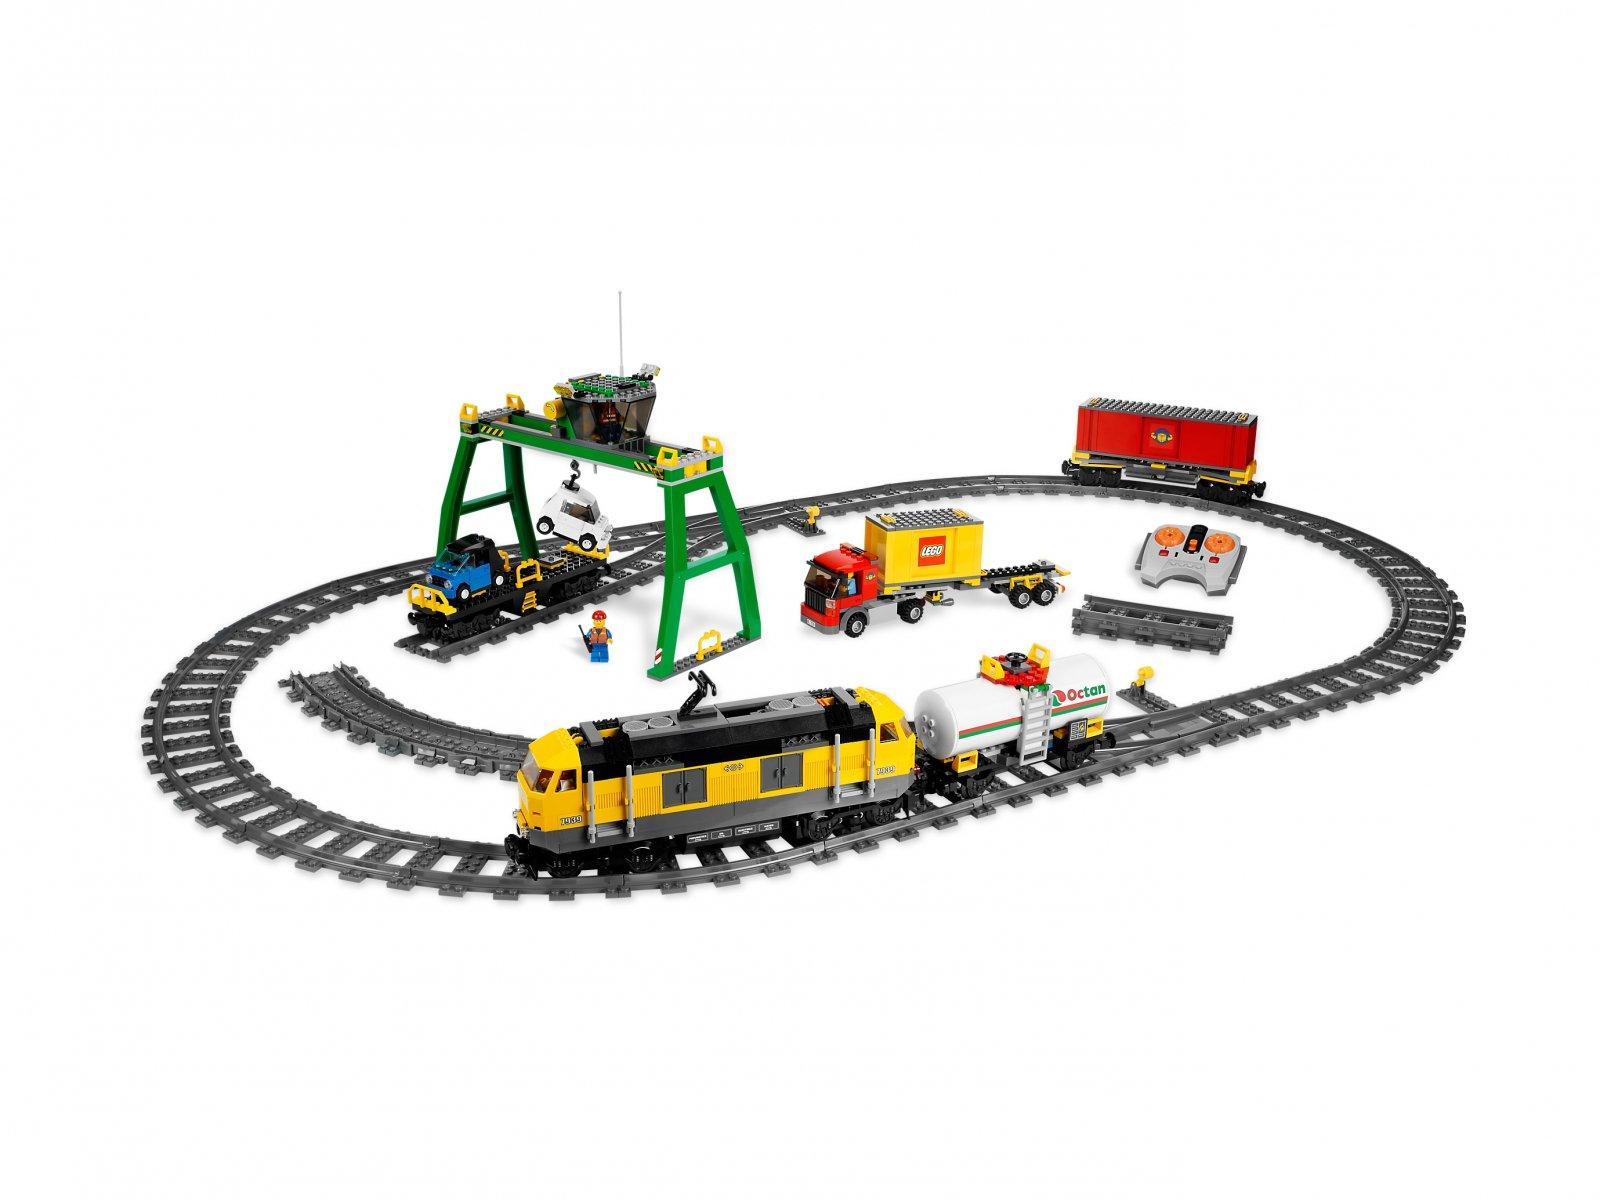 Lego 7939 City Pociąg Towarowy Zklockówpl